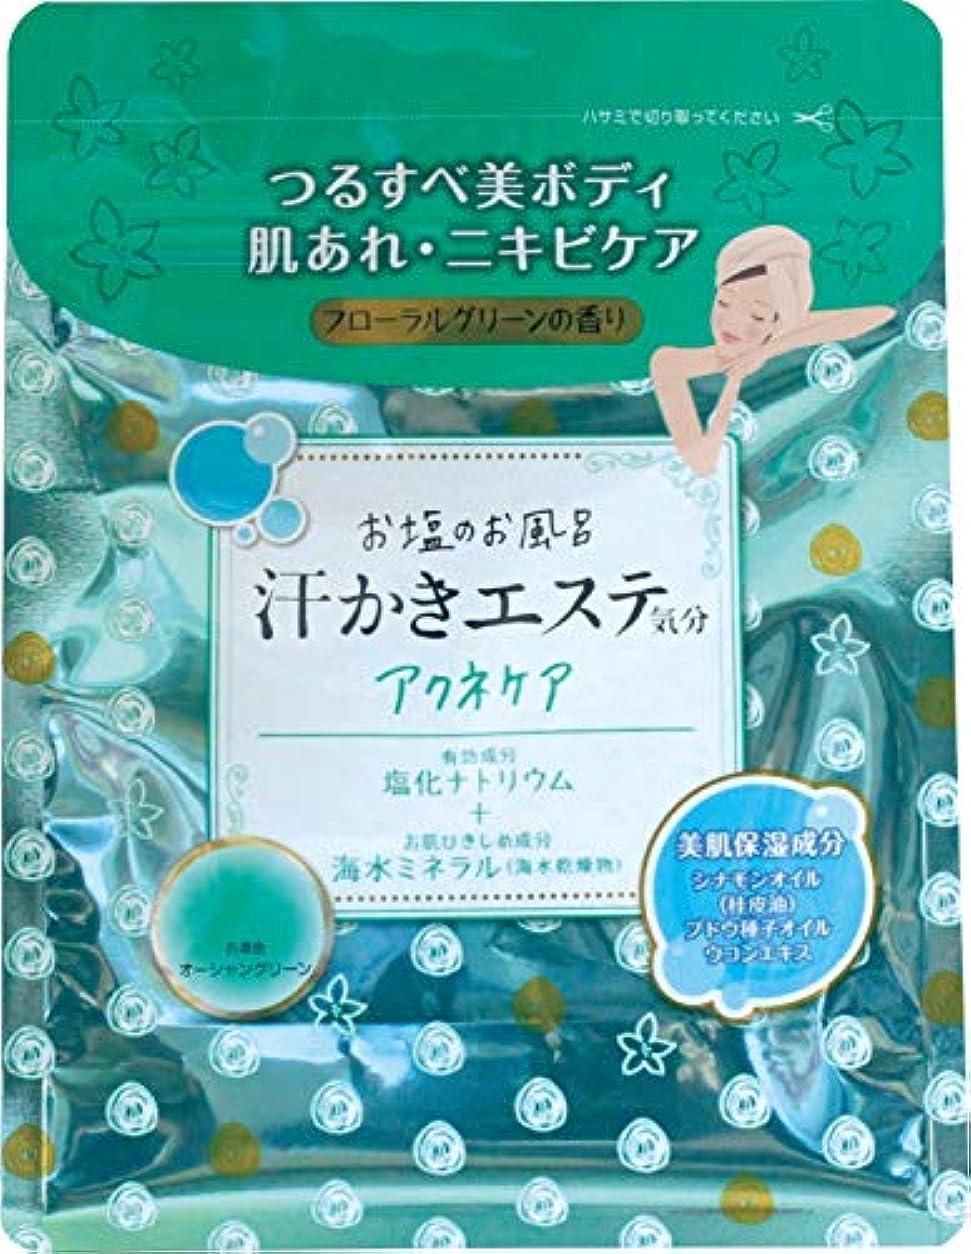 周術期韓国語パイプマックス 汗かきエステ気分 アクネケア 入浴剤 500g